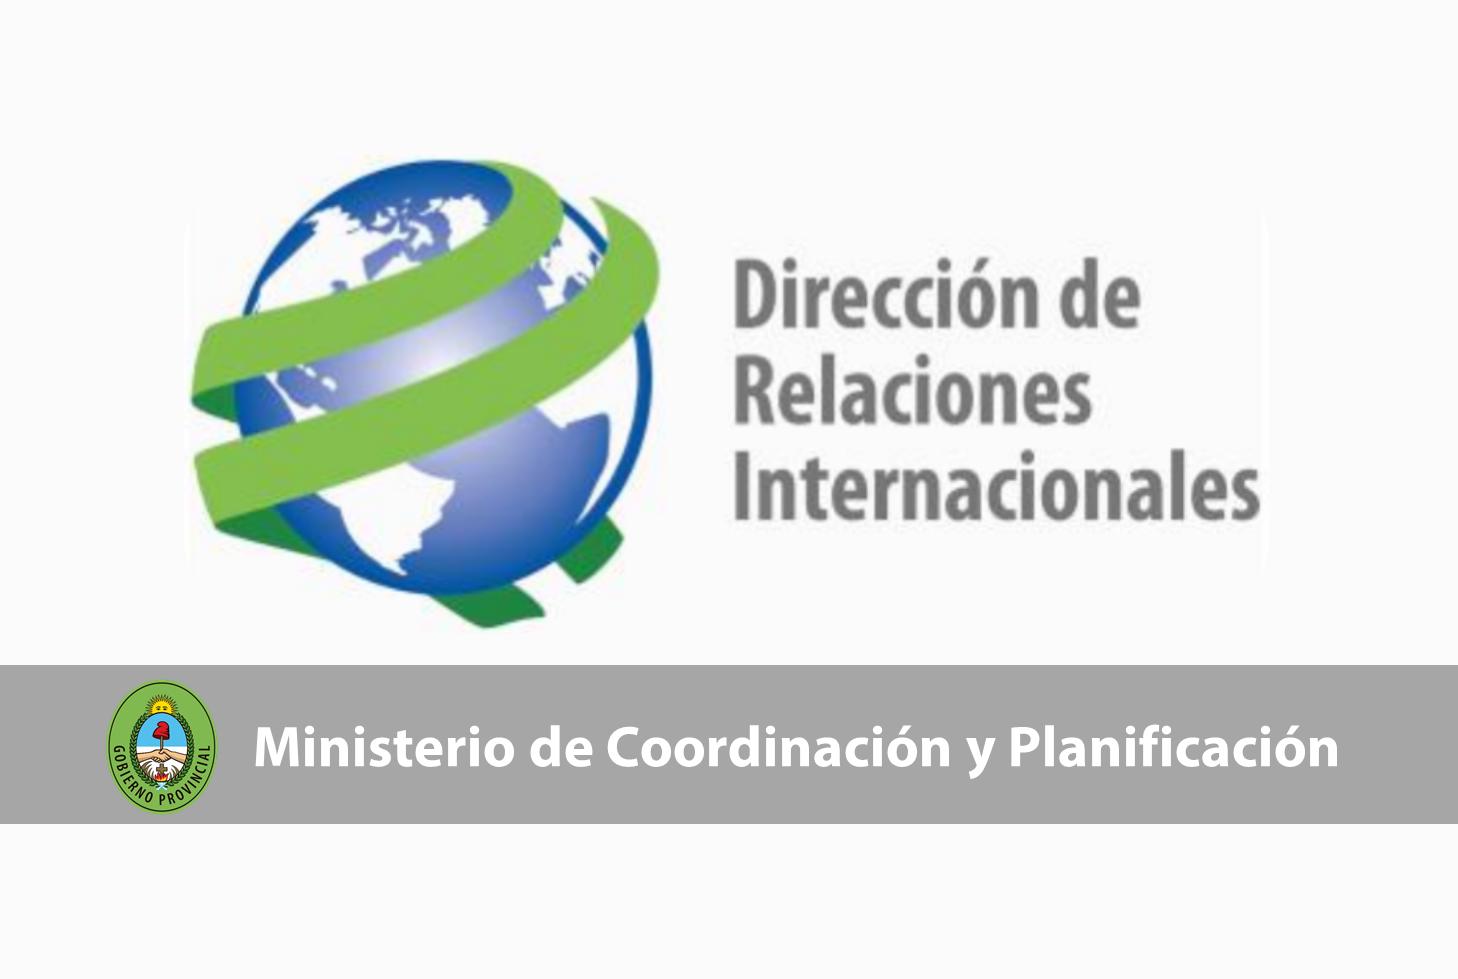 FUNDACION NAVARRO VIOLA: Polìticas Generales Educaciòn, Salud, Ancianidad